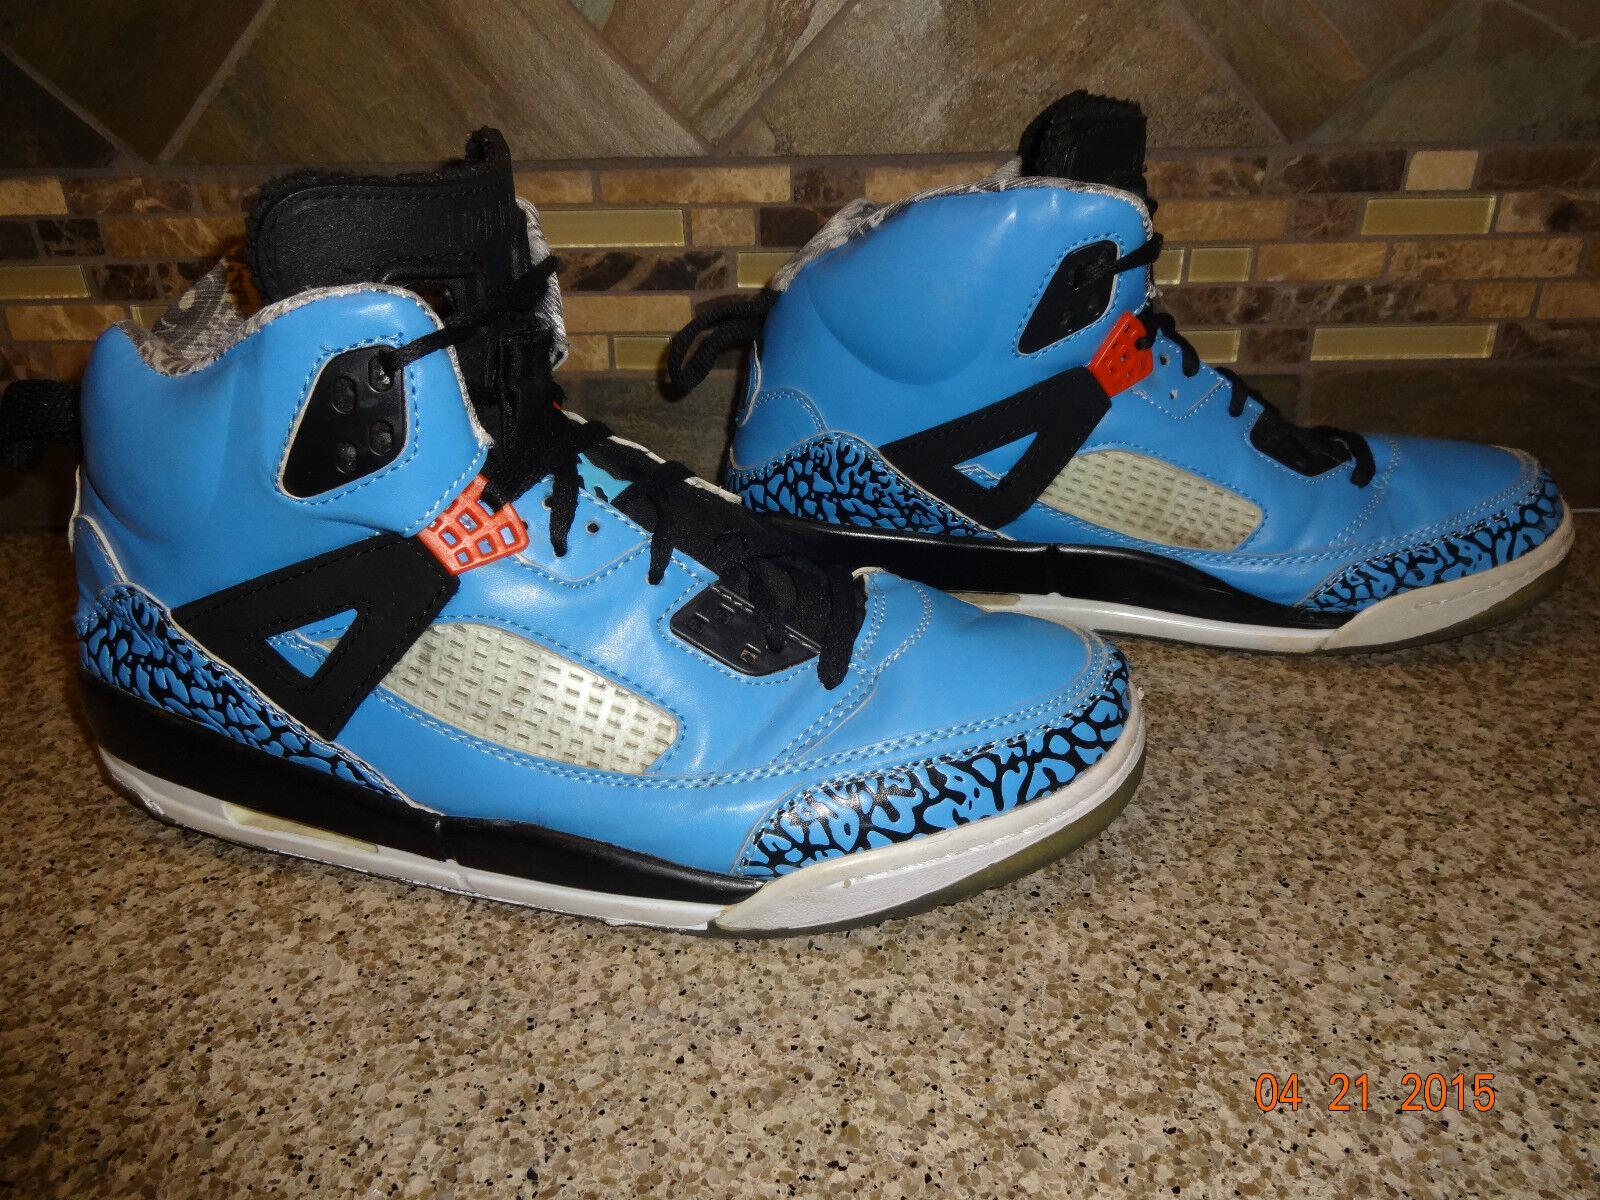 Hombre / Jordan spizike SZ Azul / Hombre negro Hi Tops zapatos atléticos Brooklyn 66bff8